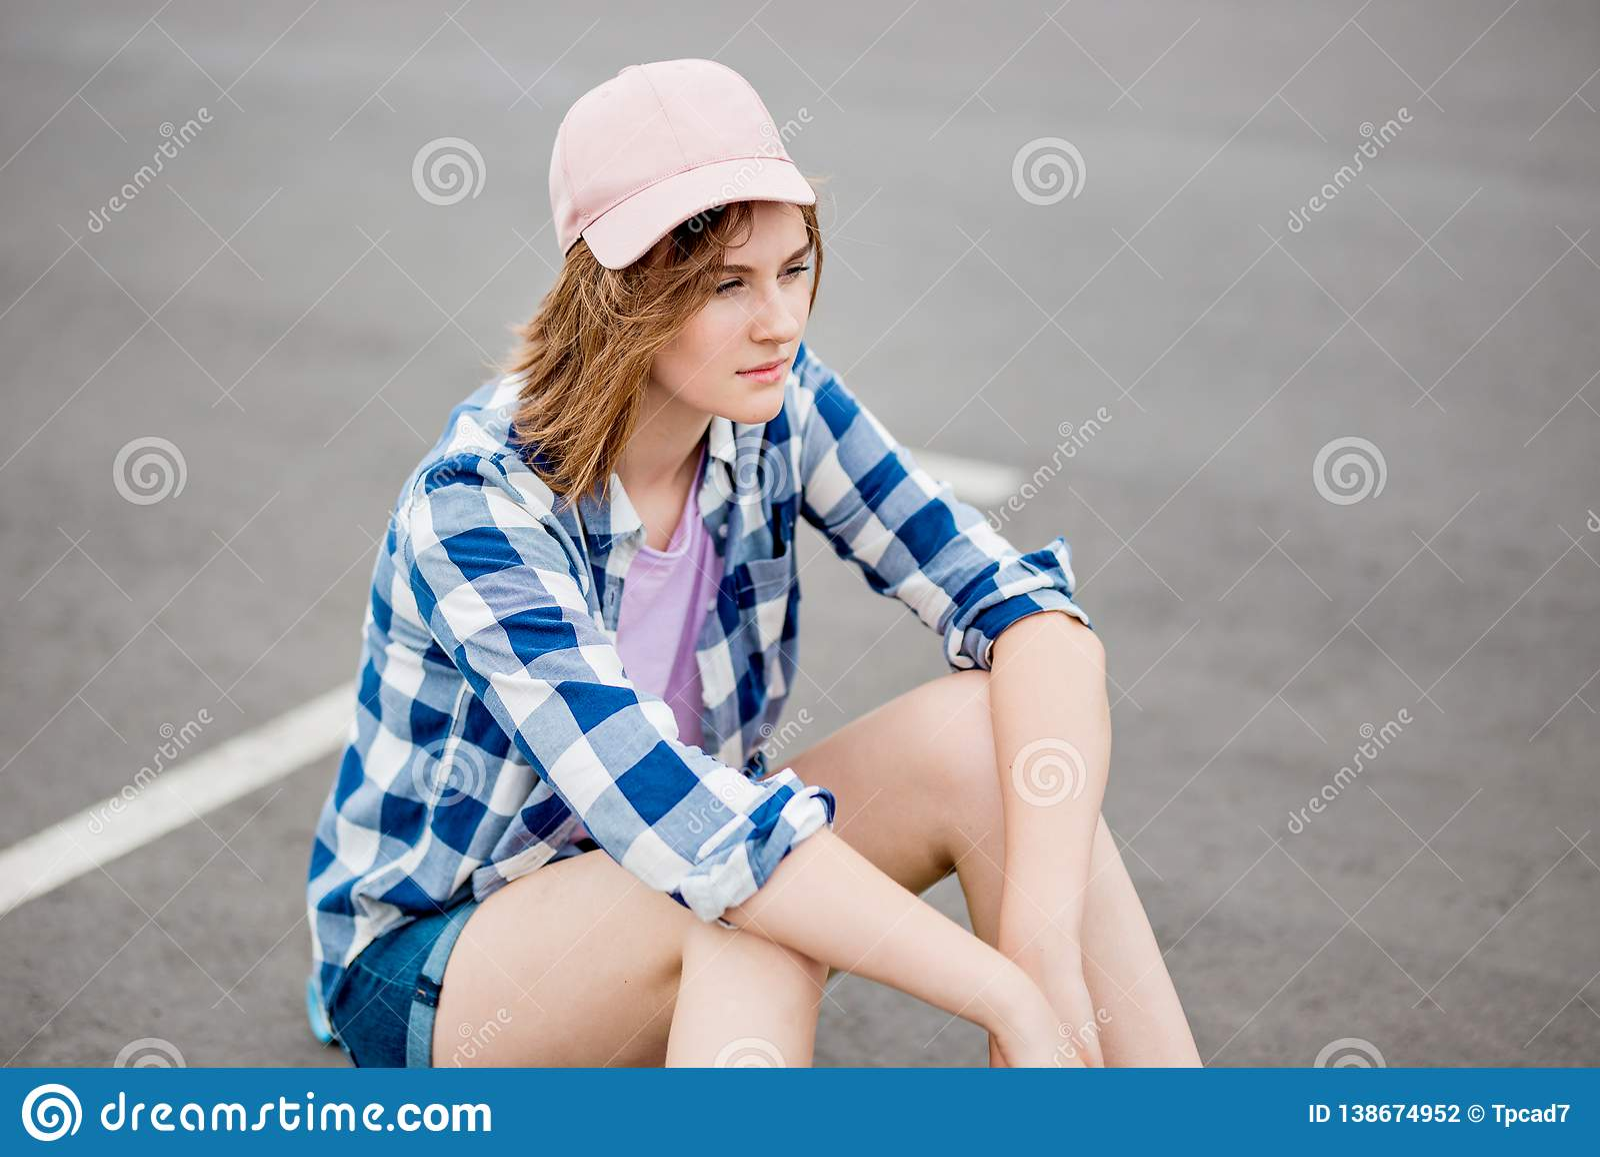 Ein schönes blondes Mädchen, das karierte Hemd-, Kappen- und Denimkurze hosen trägt, sitzt auf dem Parkplatz mit einem durchdacht